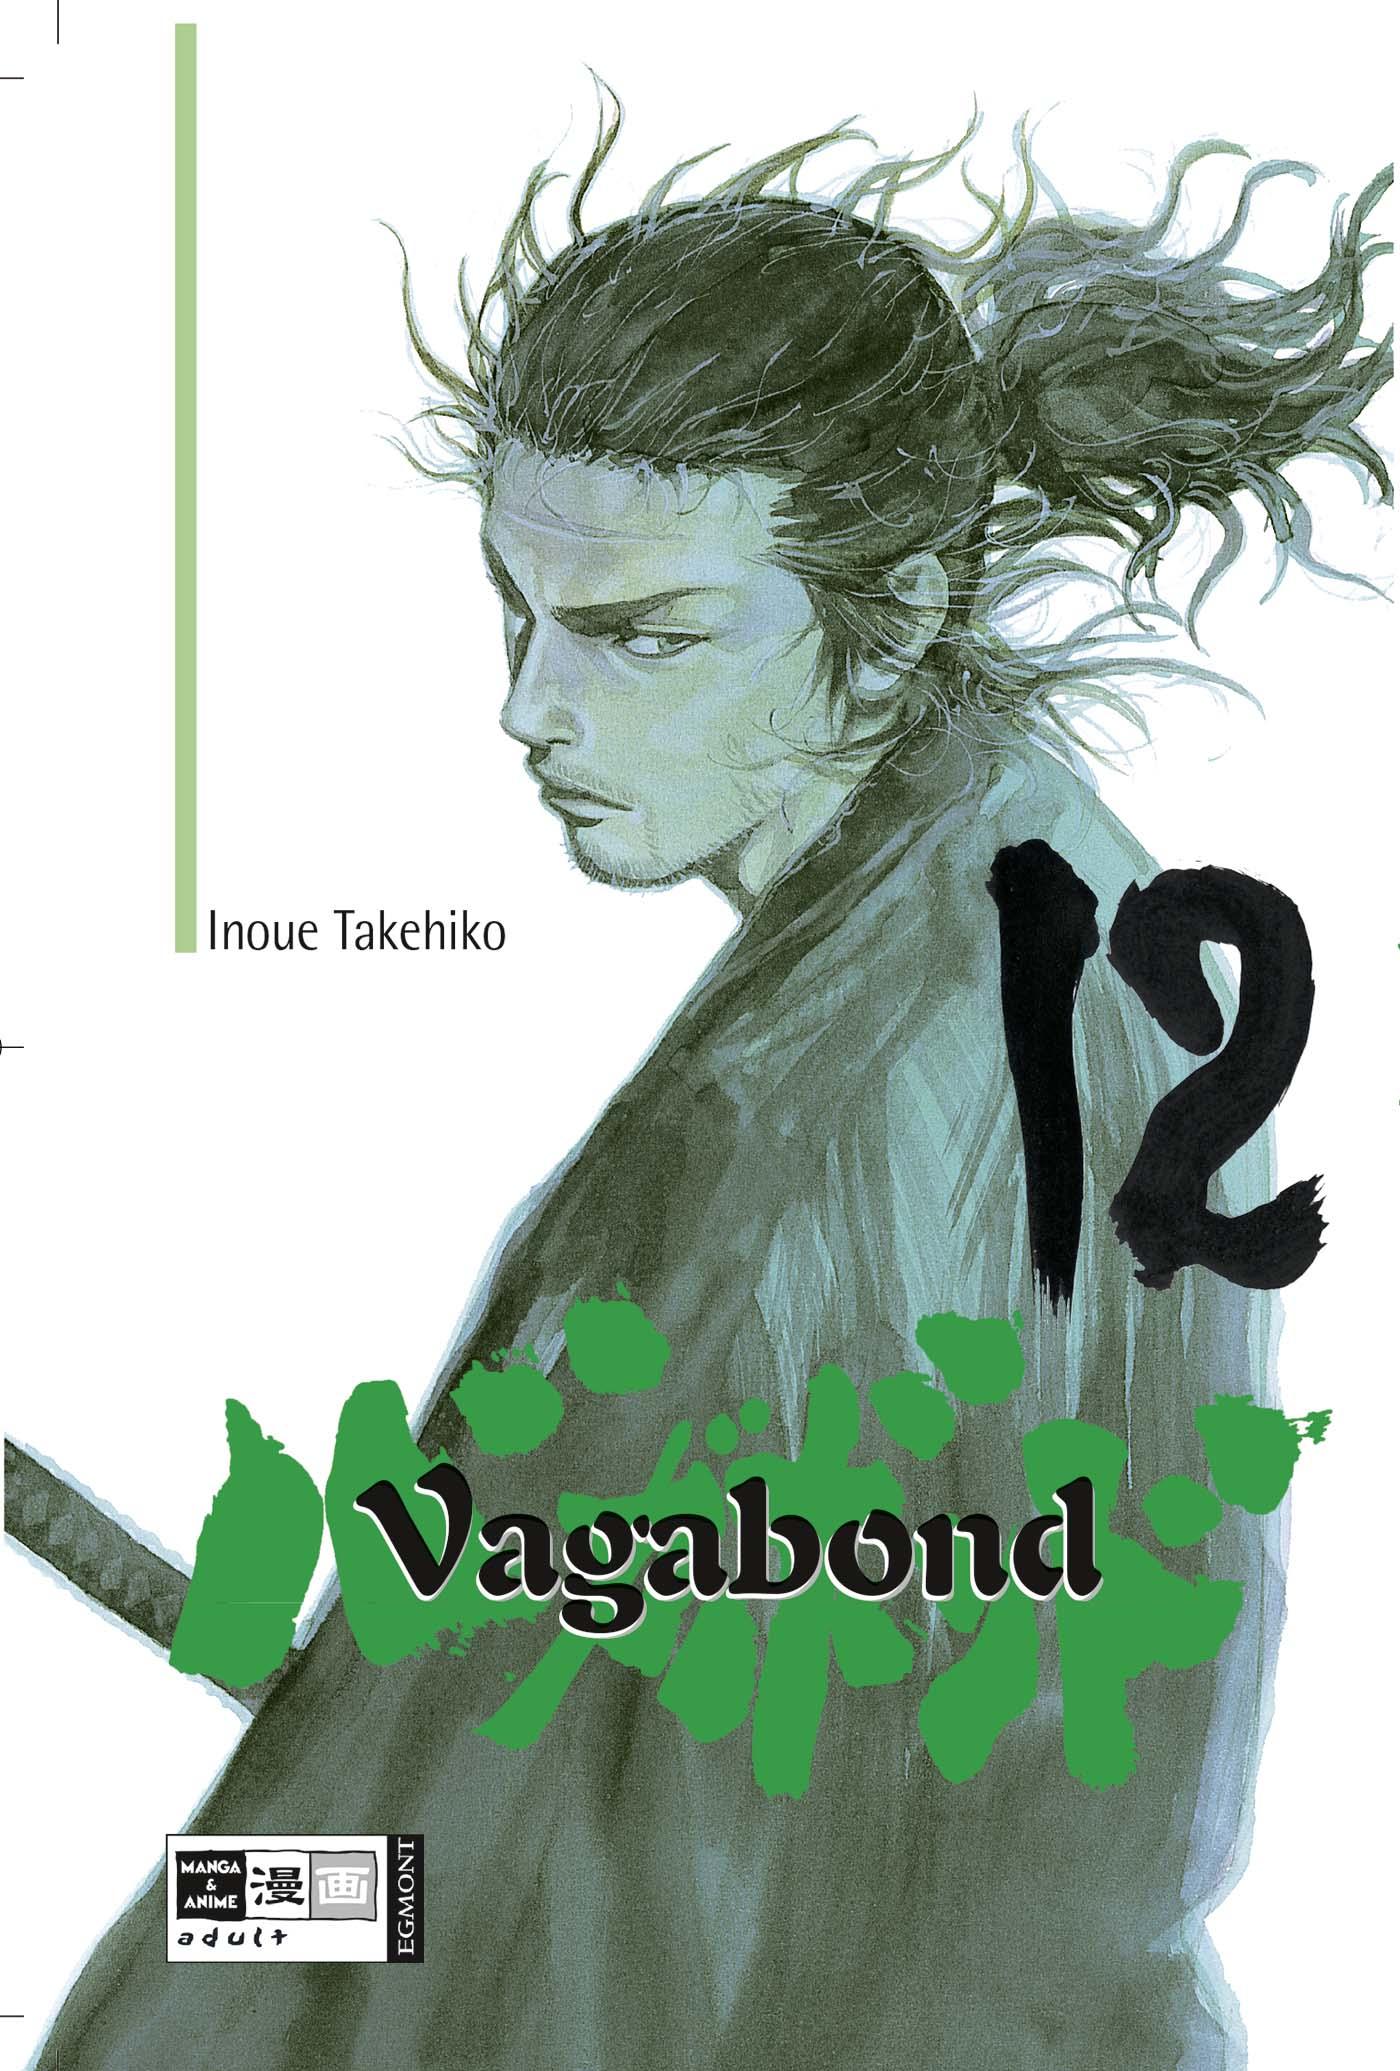 Inoue Takehiko ~ Vagabond 9783898856713